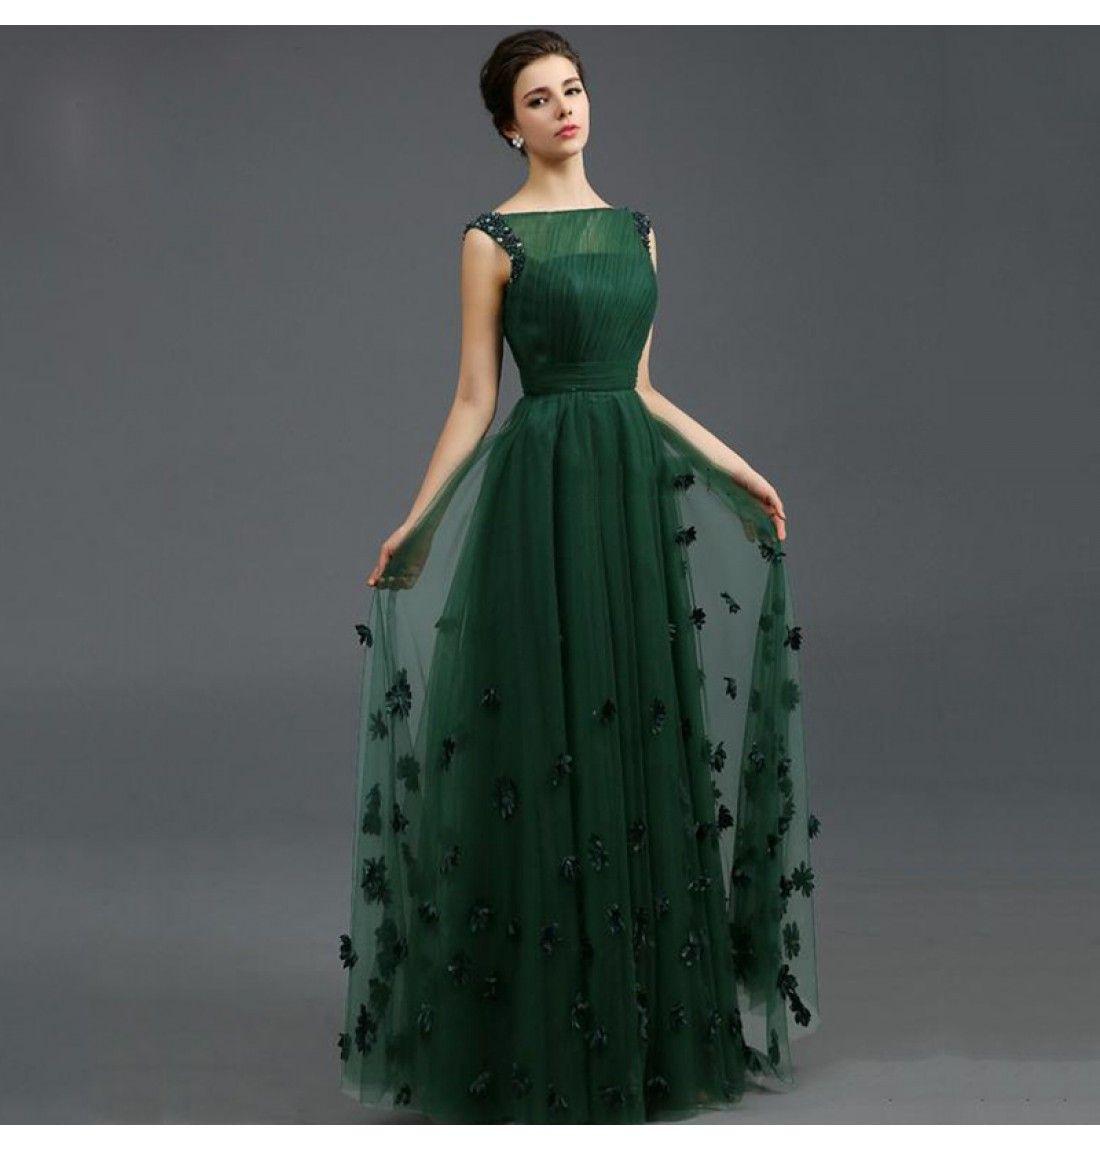 10 Luxurius Vintage Abend Kleider Stylish20 Luxurius Vintage Abend Kleider Boutique